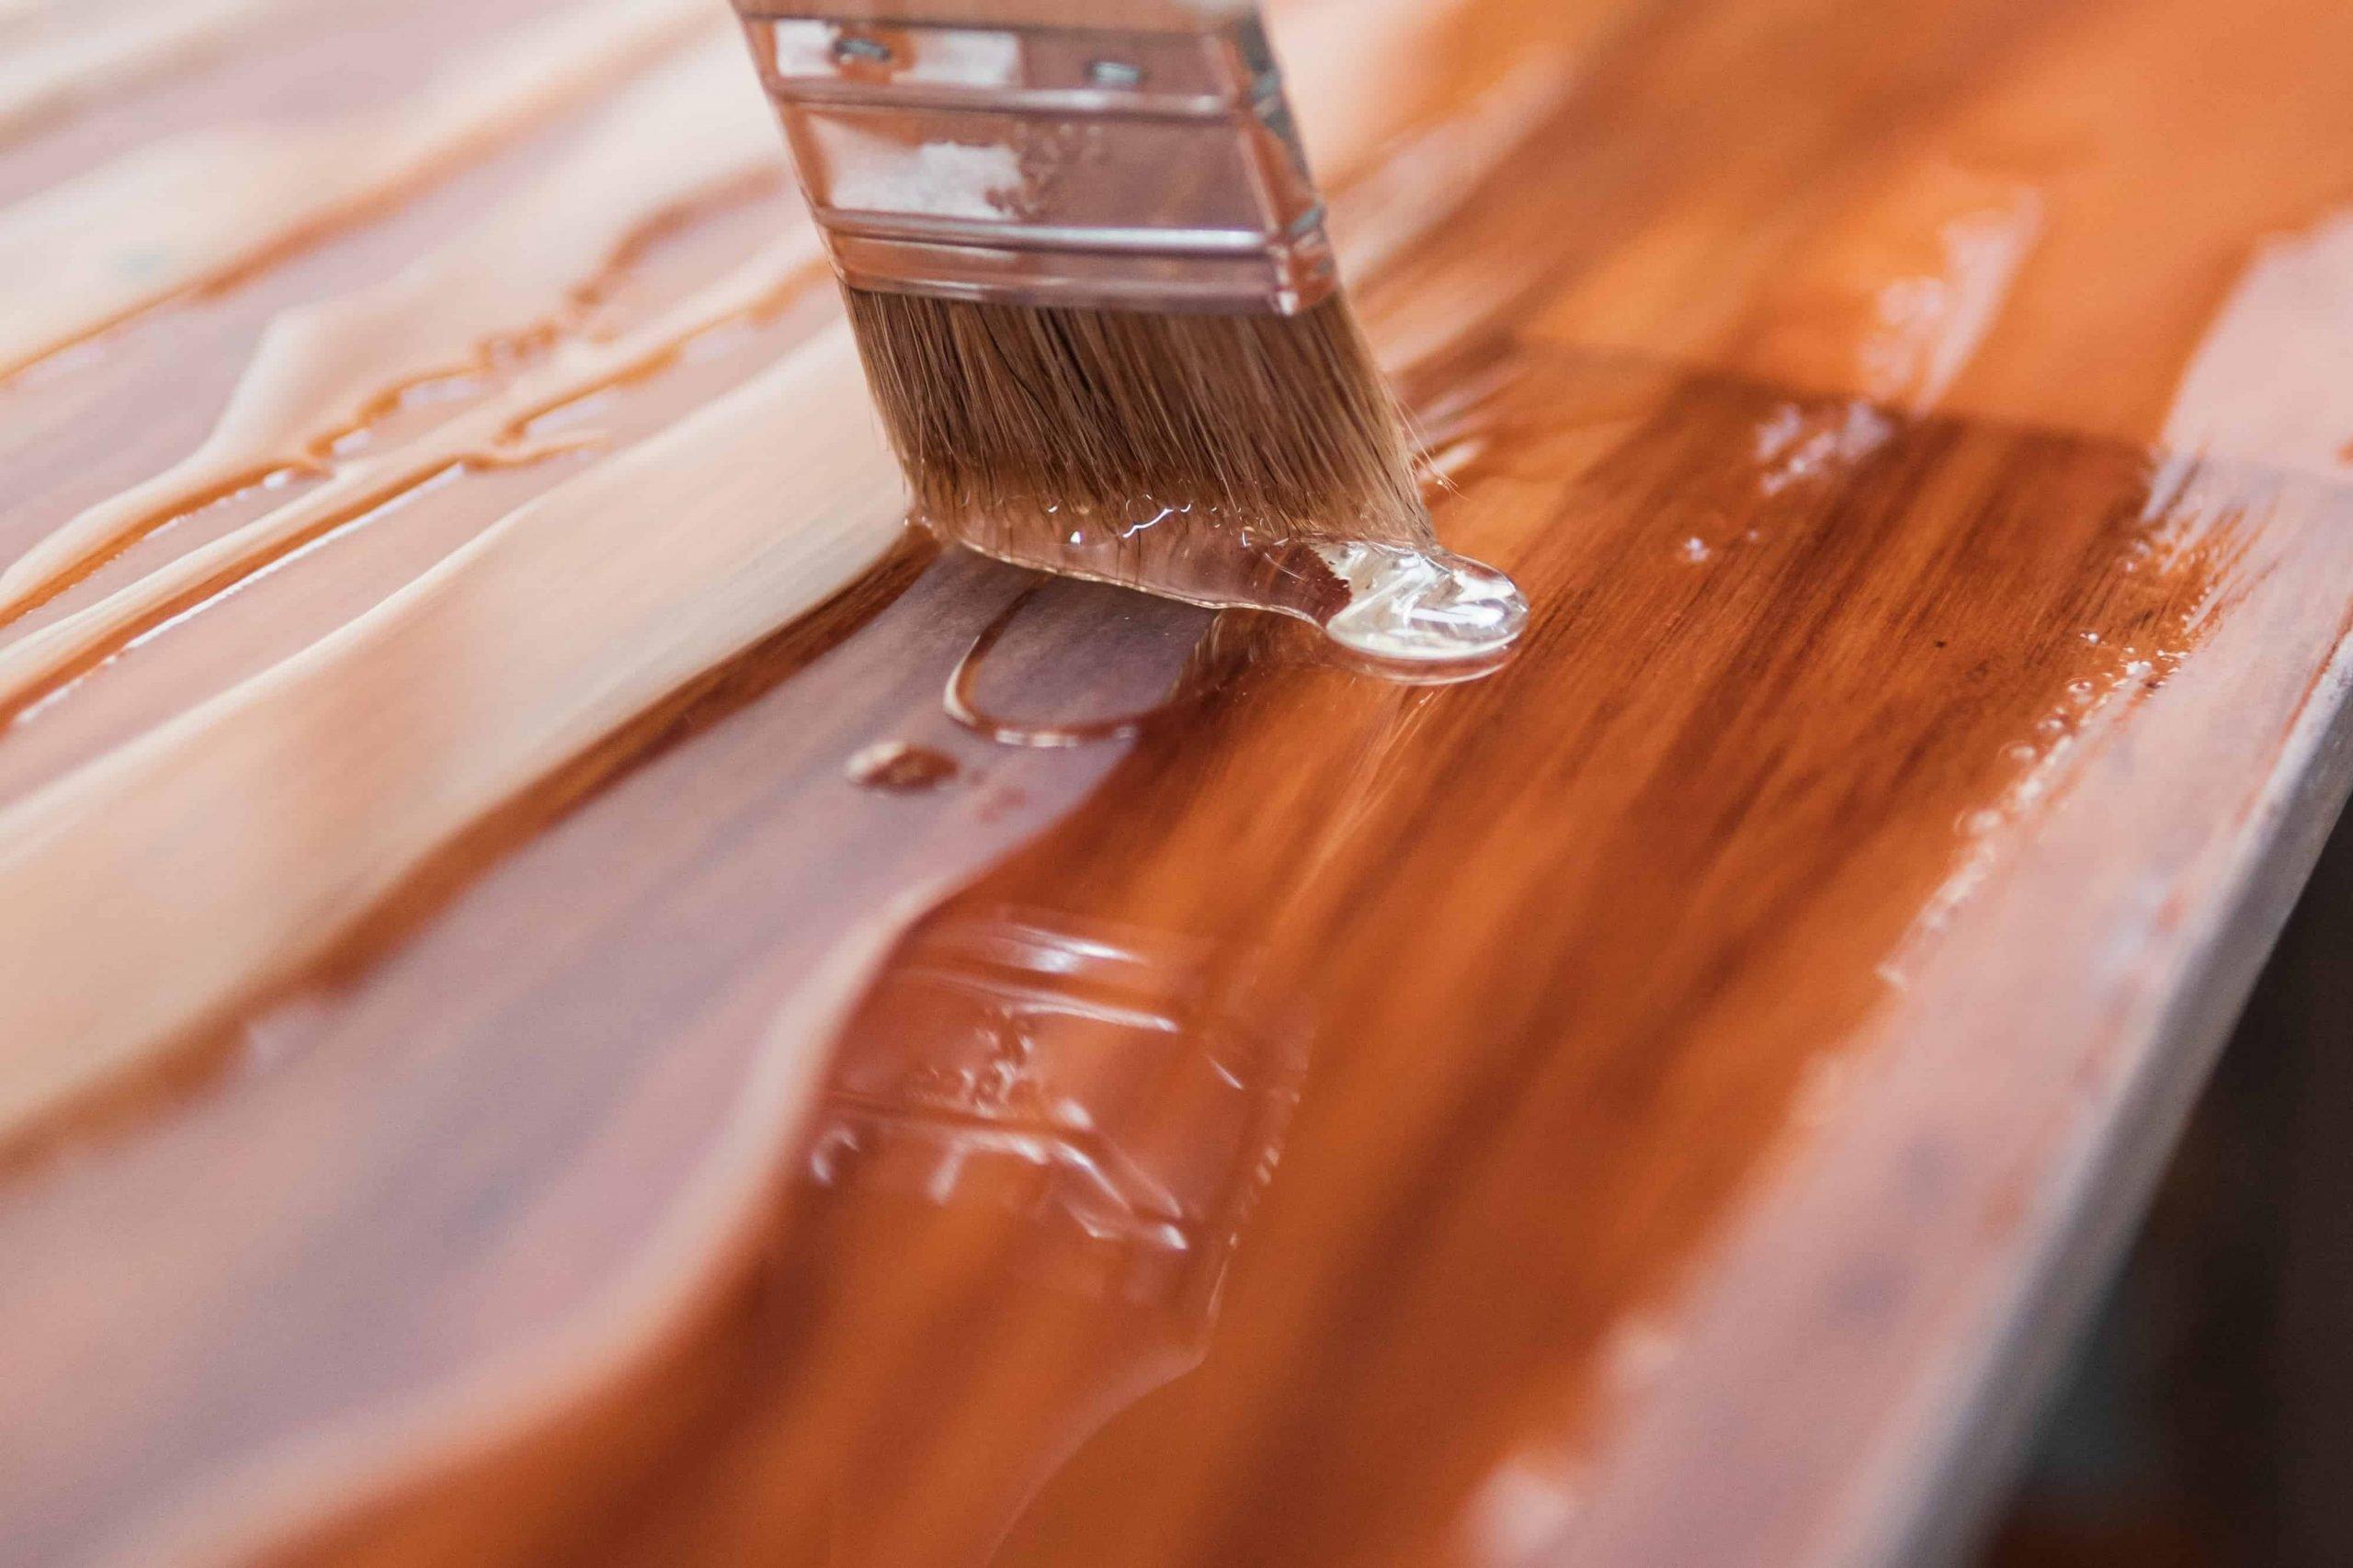 How to remove epoxy resin